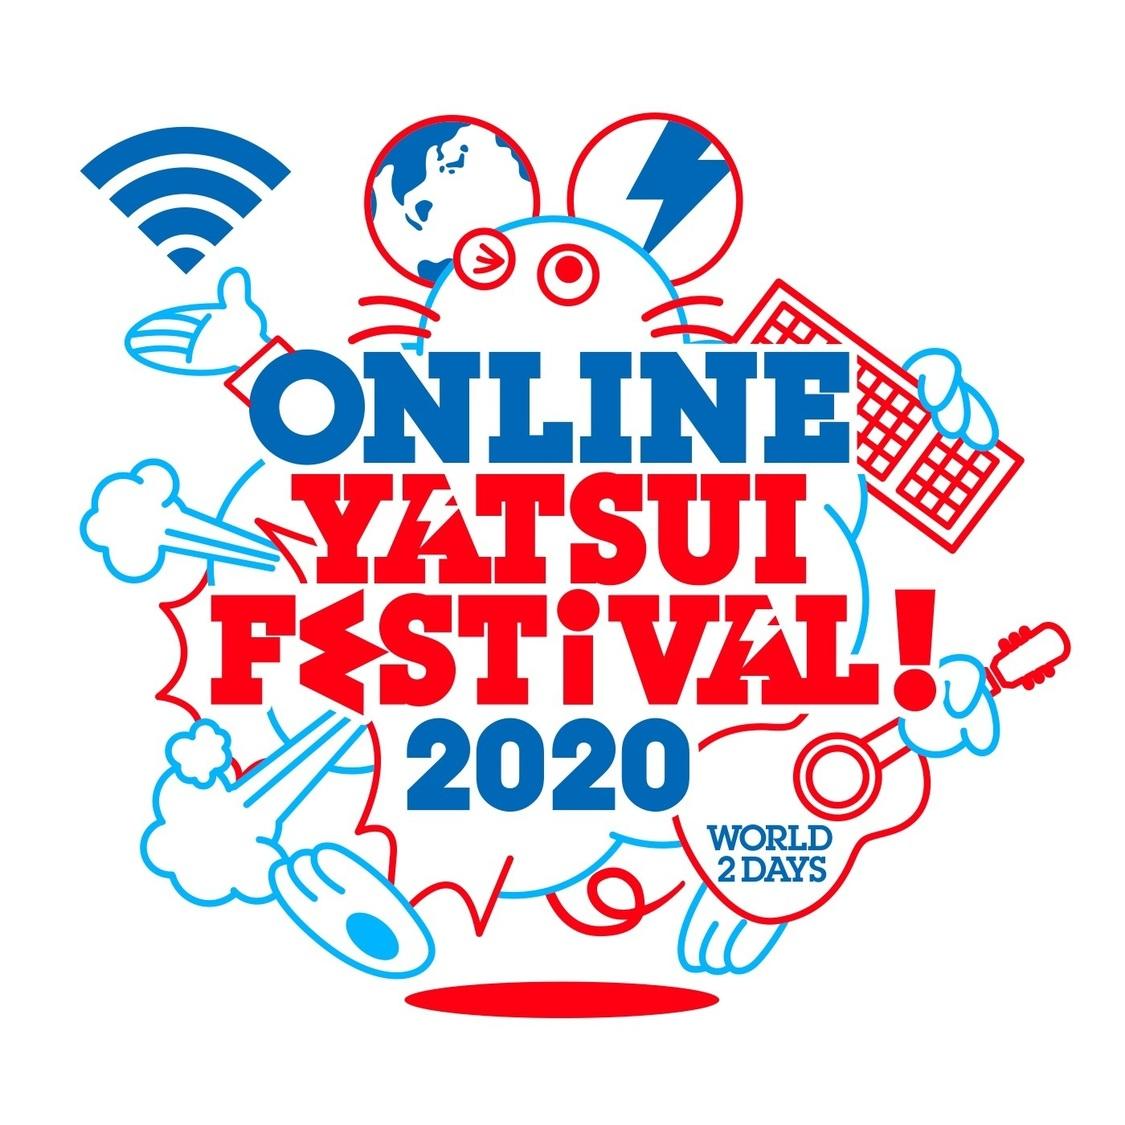 <ONLINE YATSUI FESTIVAL! 2020>、第2弾アーティストに高城れに、寺嶋由芙、モ!、CY8ER、キラフォレ、FES☆TIVEら100組決定!